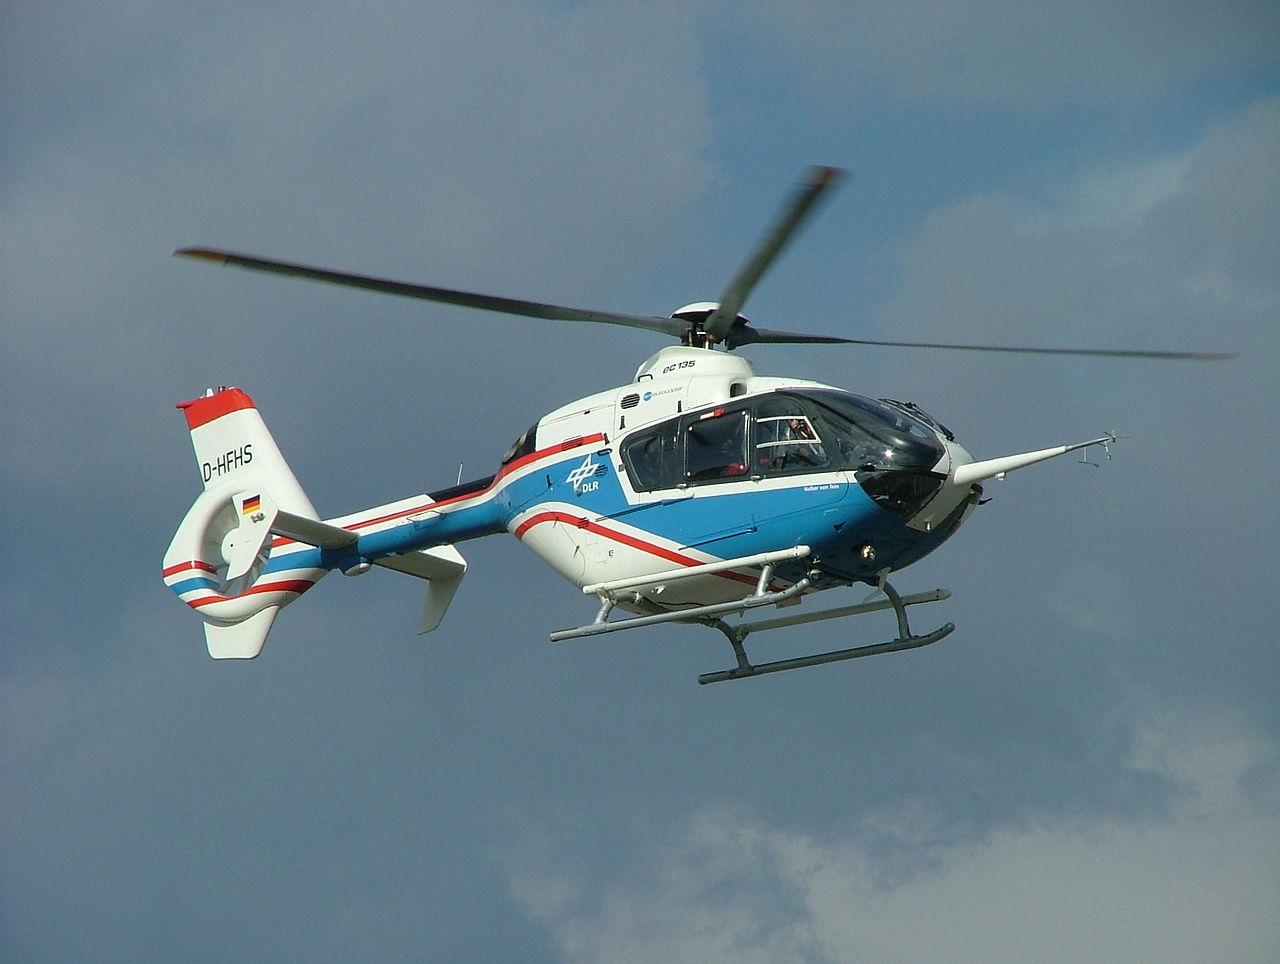 Tønder Kommune og Rømø Havn ønsker sig en helikopter-landingsbane for at servicere havvindmølleparkerne i Nordsøen. Men de larmende helikoptere kan betyde en katastrofe for Rømøs turisme, lyder det fra sommerhusejere. (Arkivfoto)